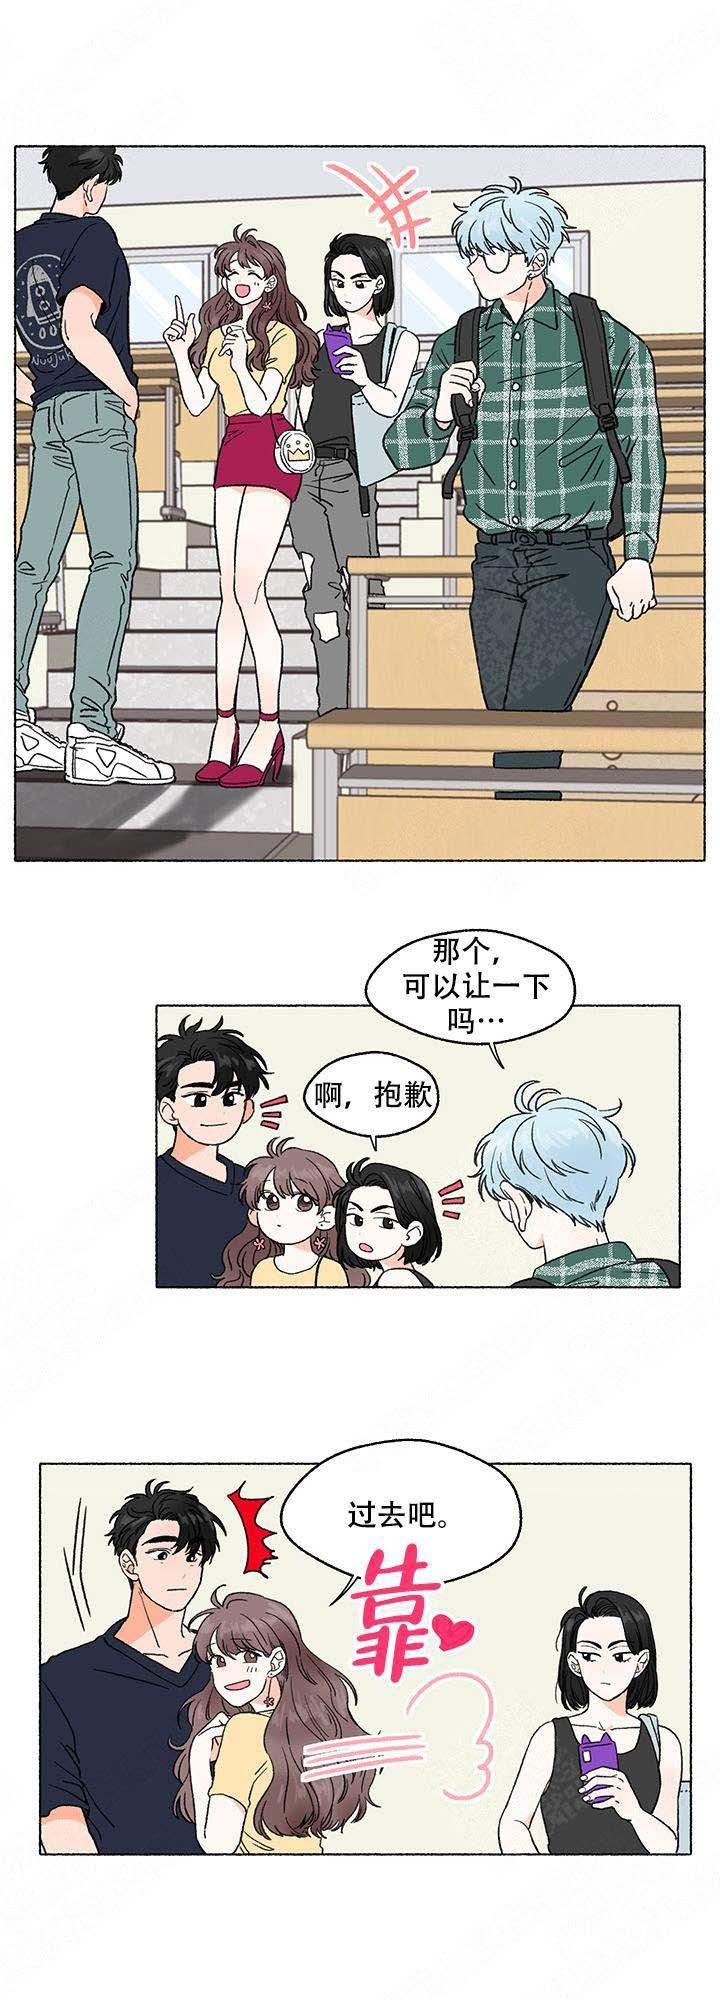 《与磊同行》漫画韩漫 & 完整版(全文免费阅读)